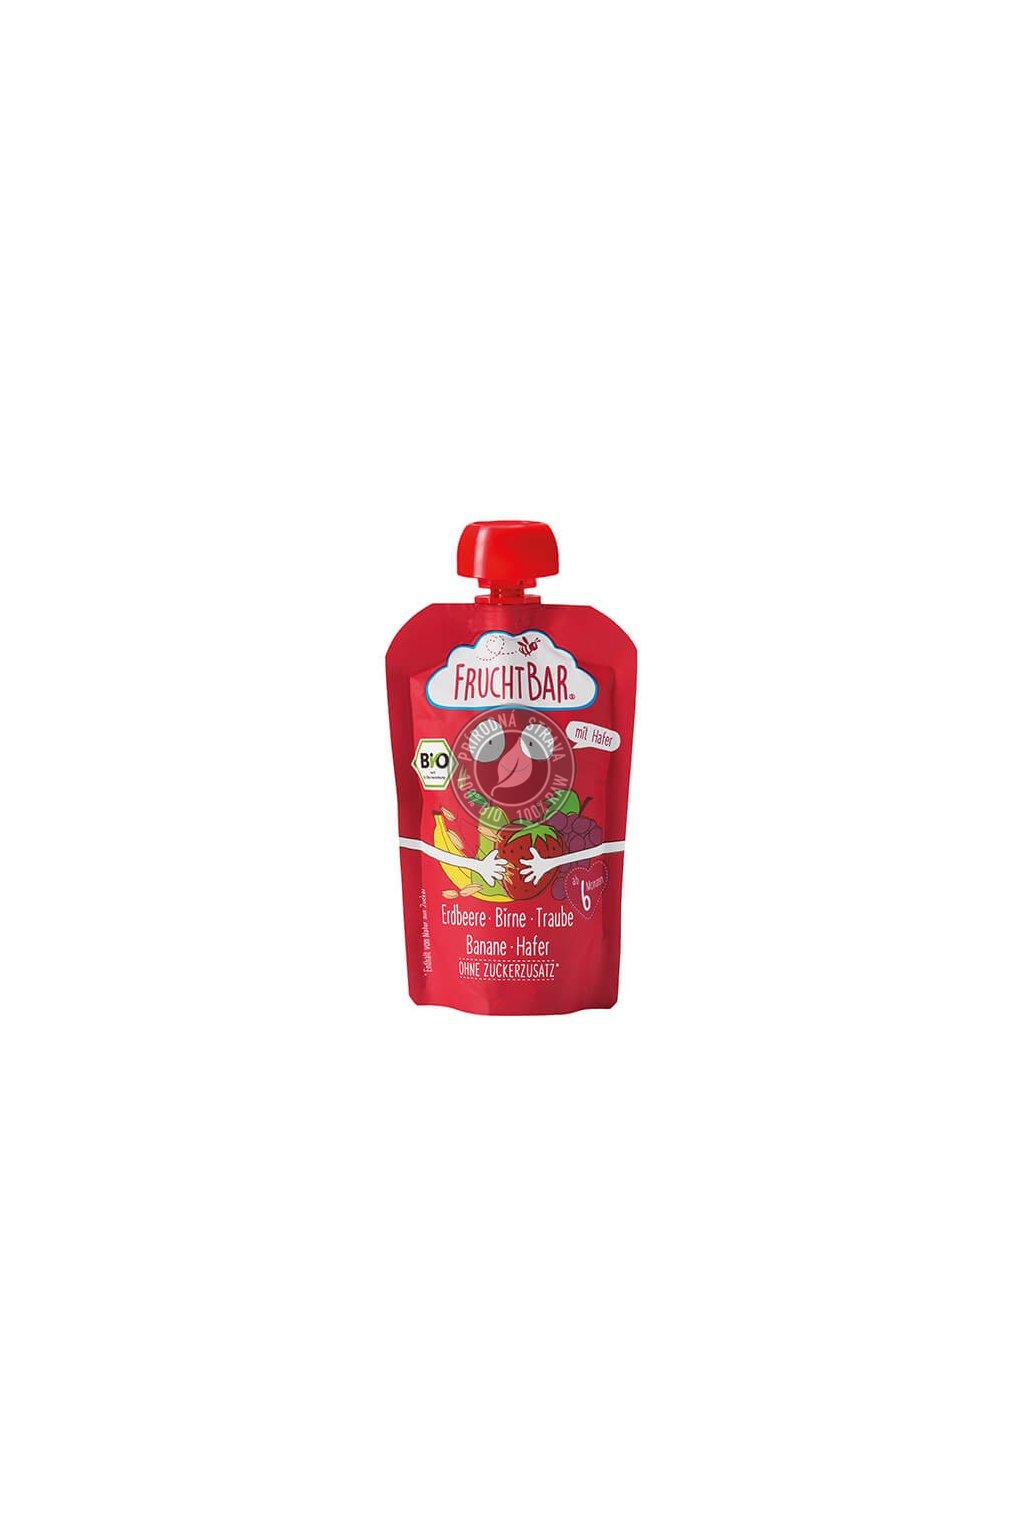 FruchtBar Bio Pueree Erdbeere Birne Traube Banane Hafer V4 facebook Shop 540x540